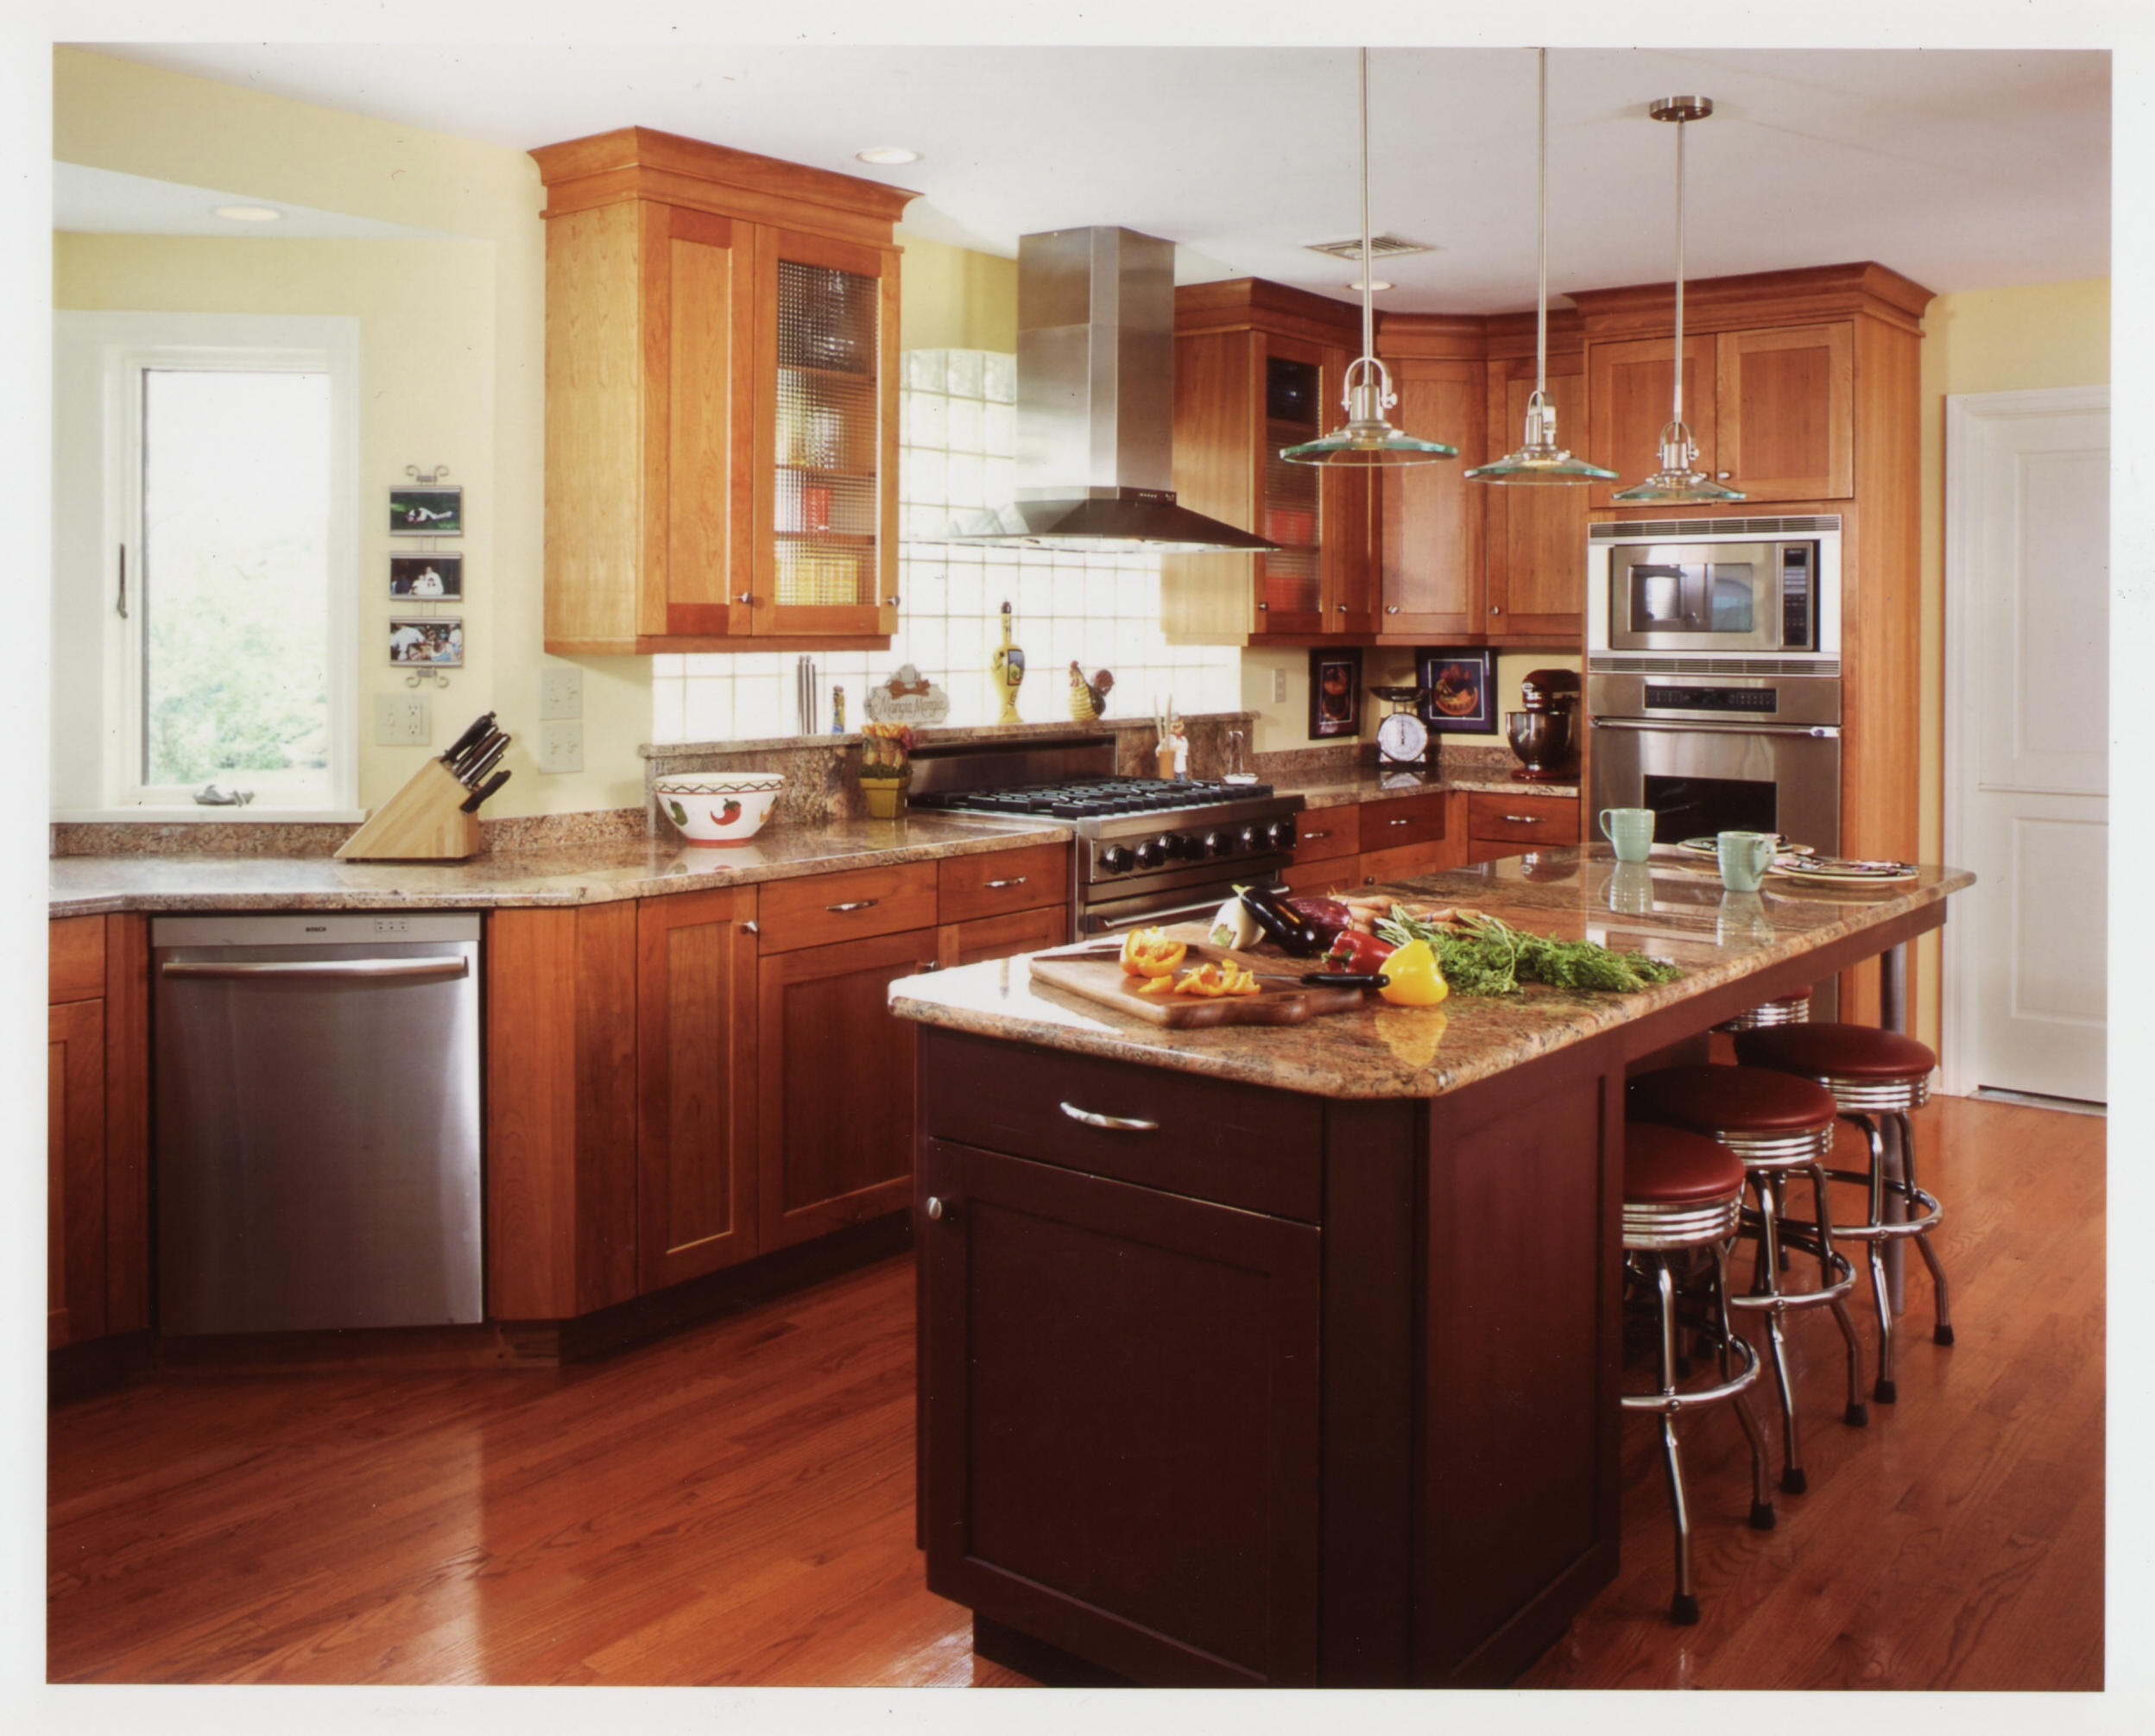 kitchen 2_0008.JPG